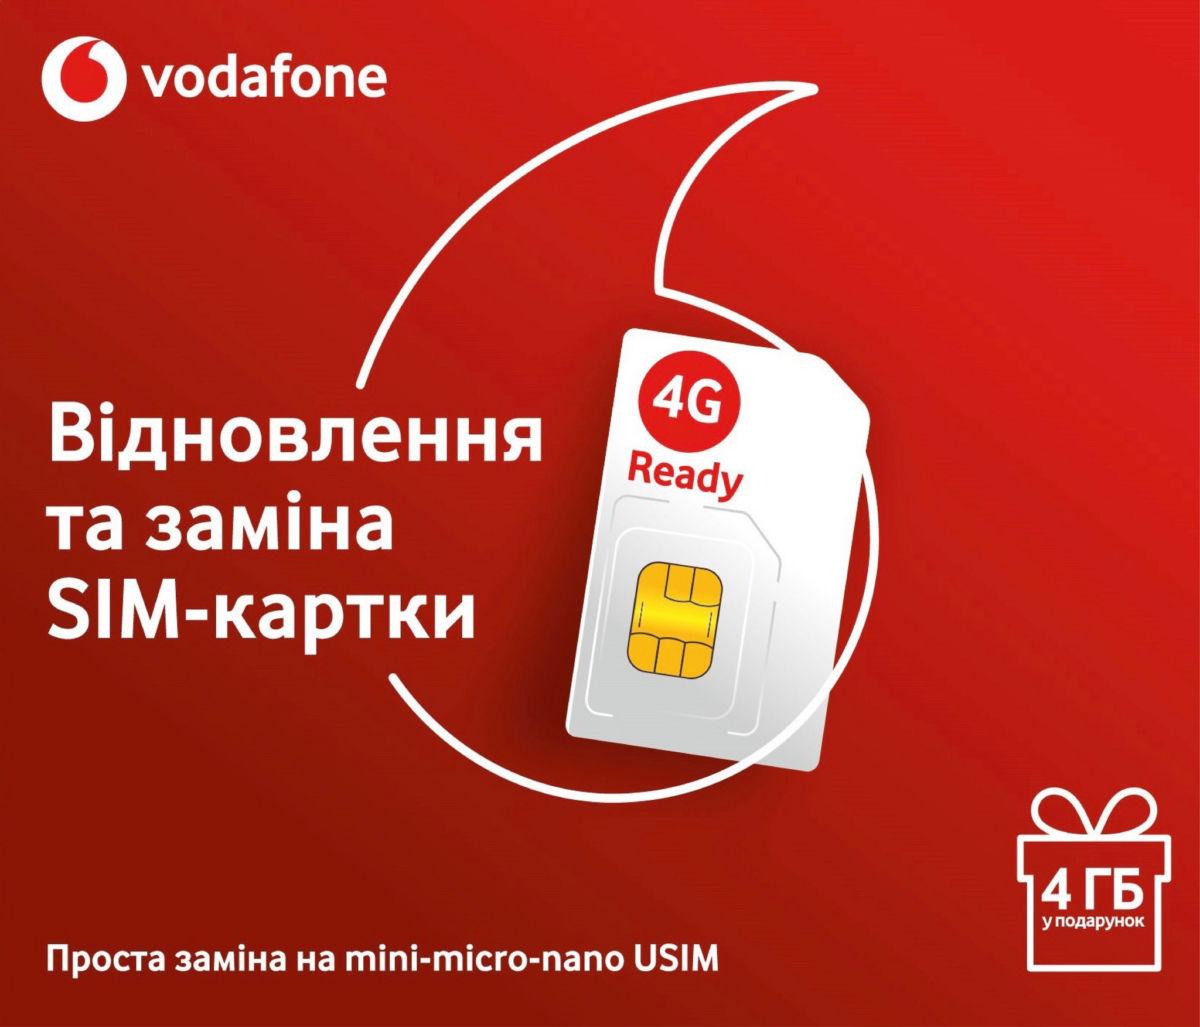 SIM-картку